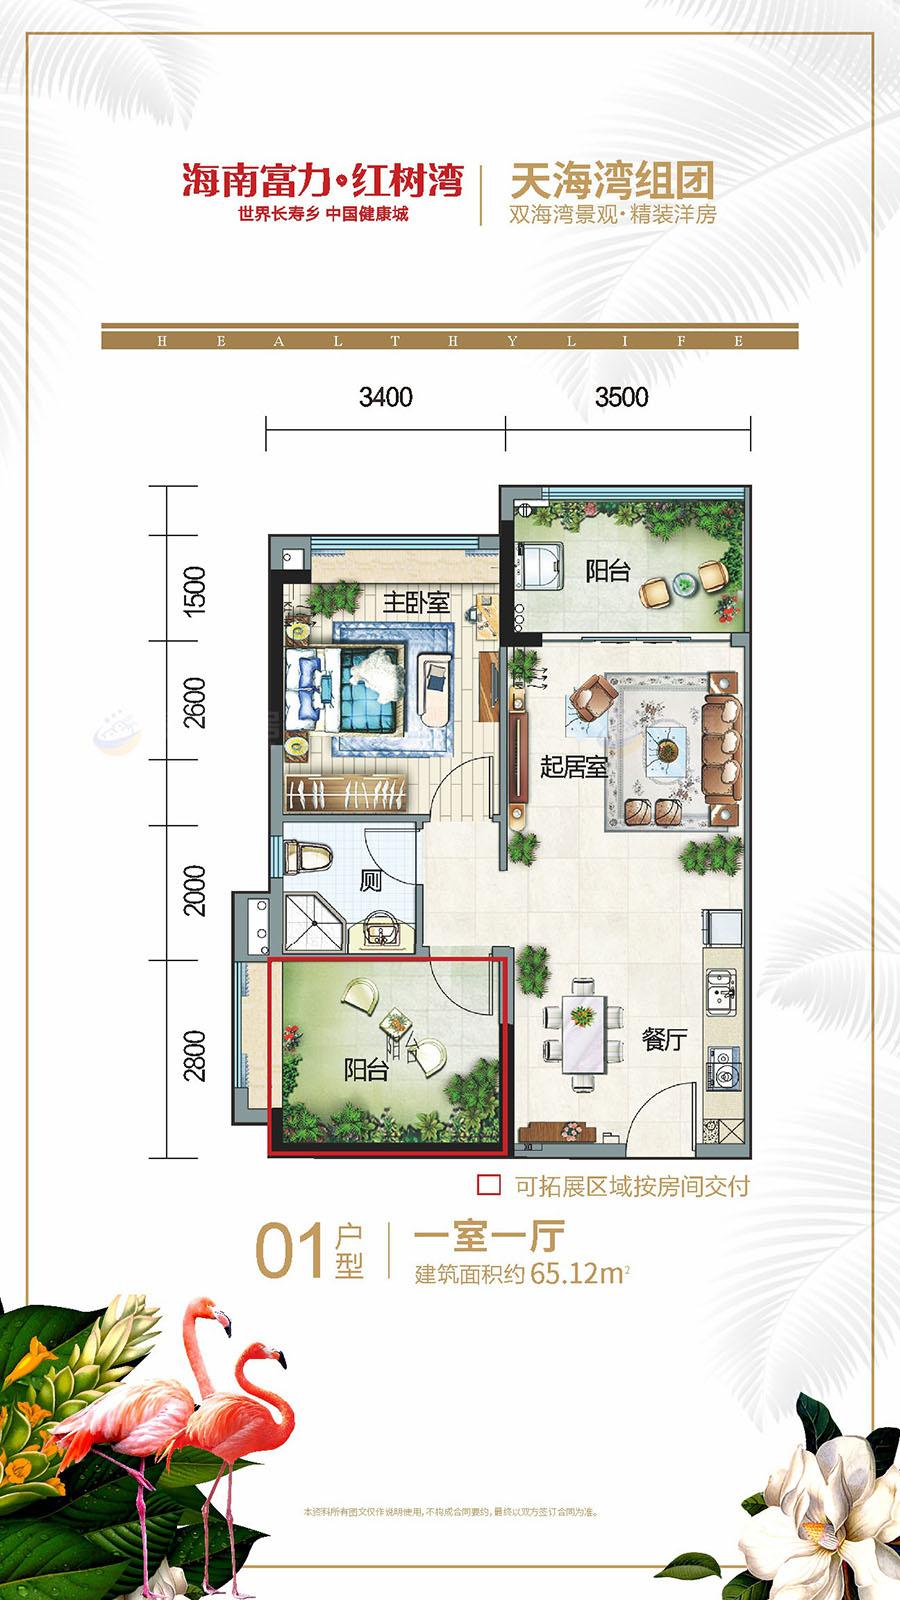 富力红树湾1房1厅1卫 (建筑面积:65.12㎡)